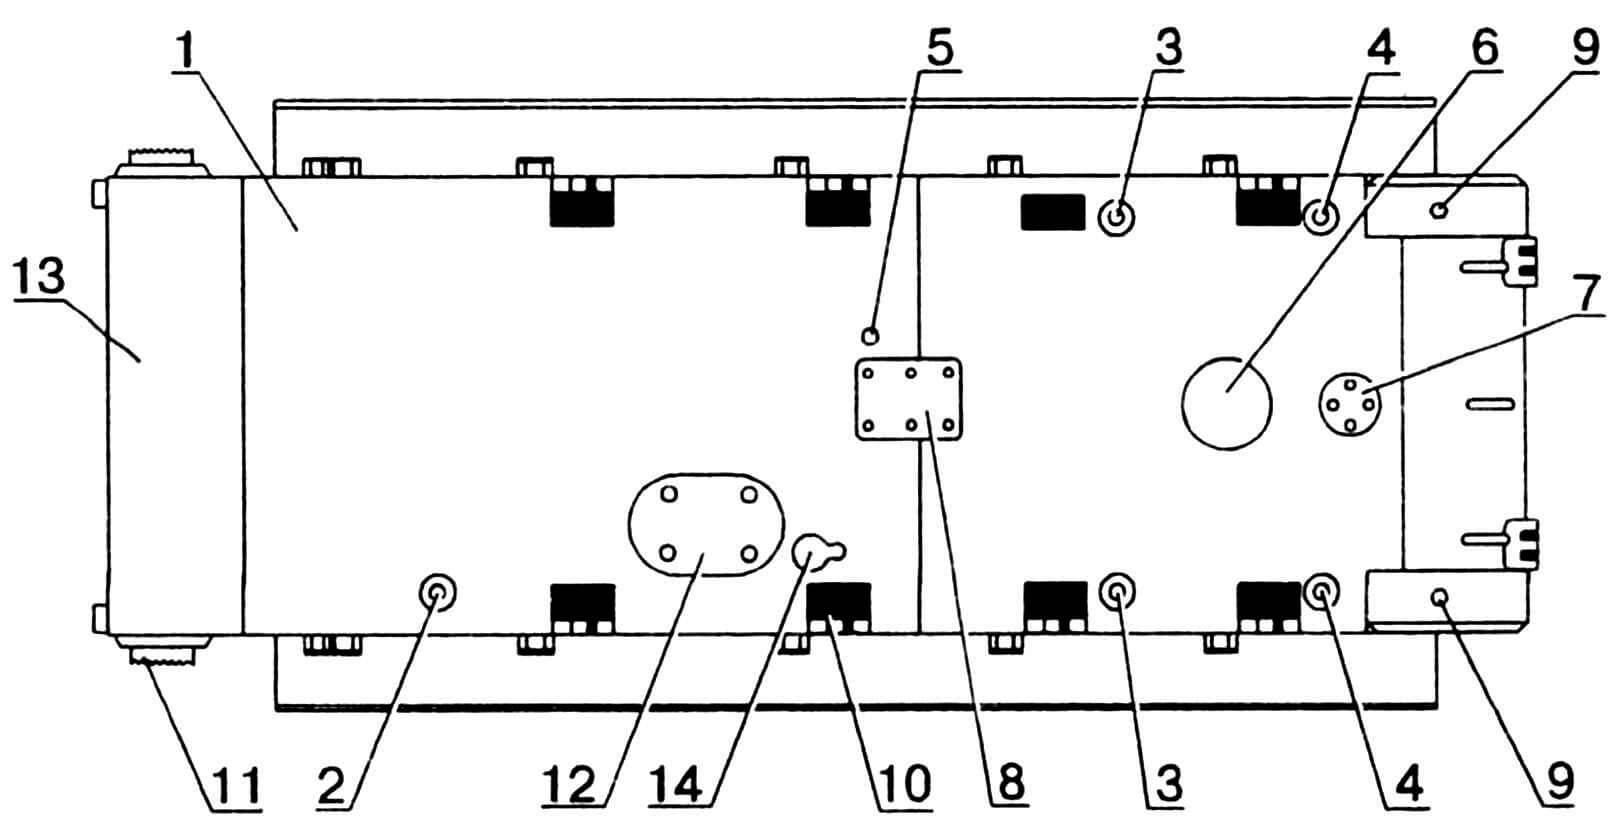 Днище корпуса: 1 — днище; 2 — пробка лючка для слива топлива из переднего бака; 3 — пробки лючков для слива масла; 4 — пробки лючков для слива топлива из бортовых баков; 5 — отверстие для слива воды; 6 — колпак под вентилятором; 7 — крышка лючка для слива масла из коробки передач; 8 — крышка лючка под двигателем; 9 — пробки отверстий для слива масла из бортовых передач; 10 — вырез шахты; 11 — кронштейн направляющего колеса; 12 — крышка люка запасного выхода; 13 — лист носовой нижний; 14 — крышка лючка для выпуска продуктов сгорания из подогревателя.